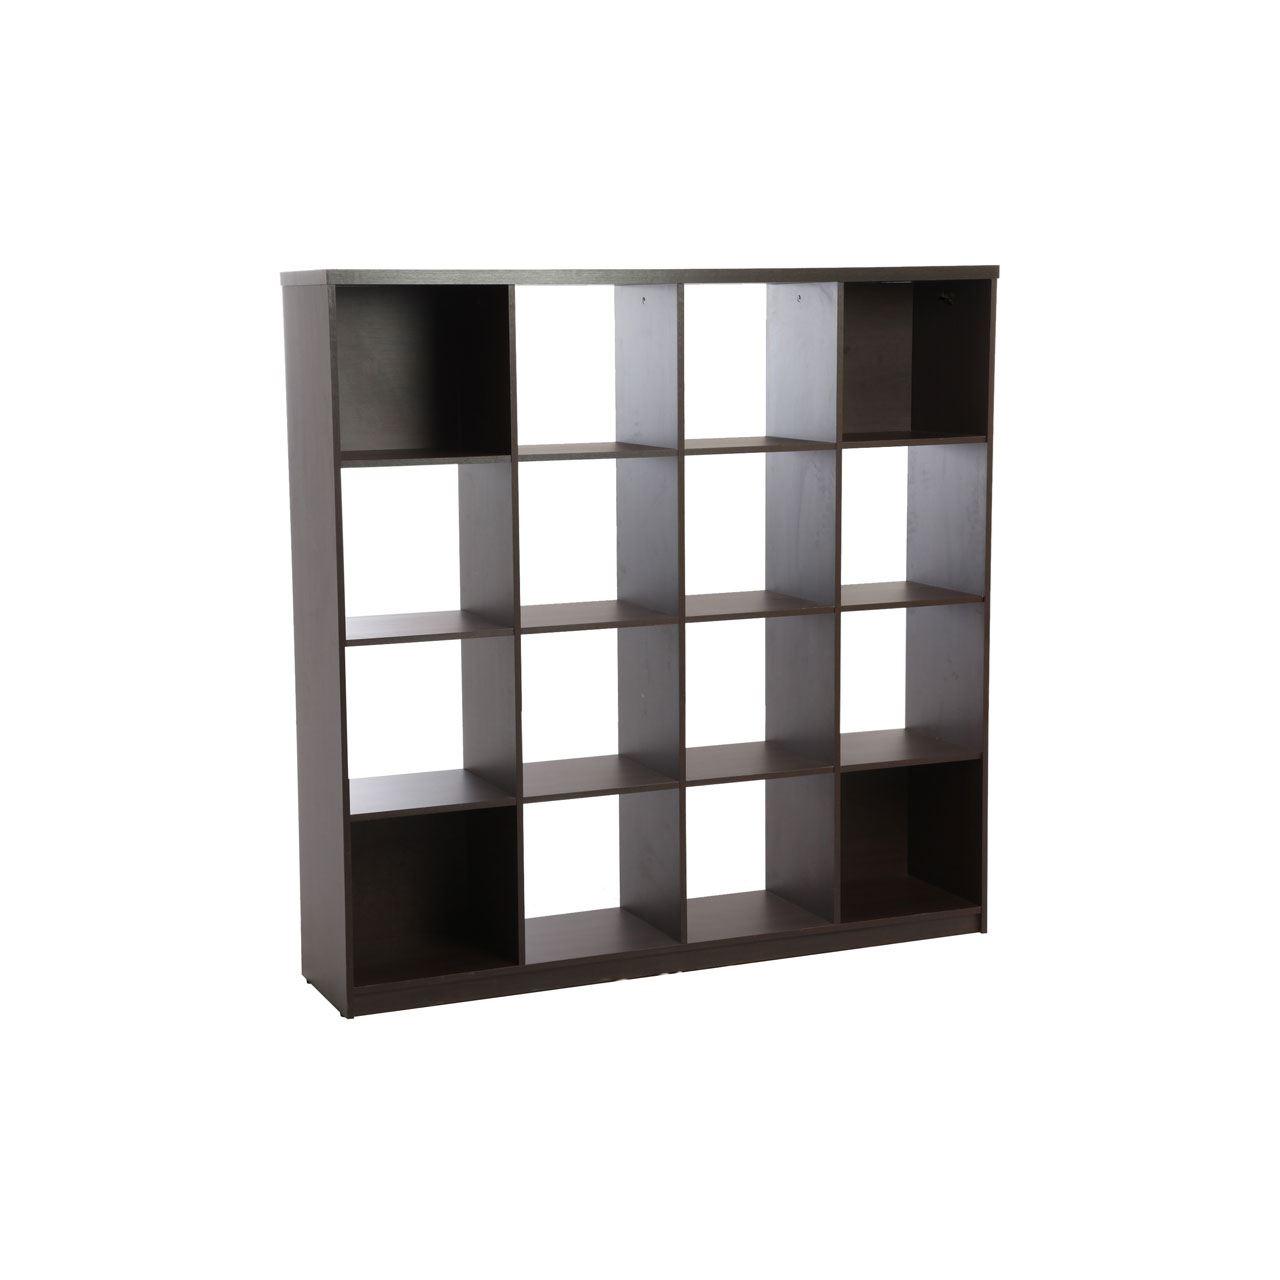 Bima Venezuela Modulares # Muebles Bima La Boyera